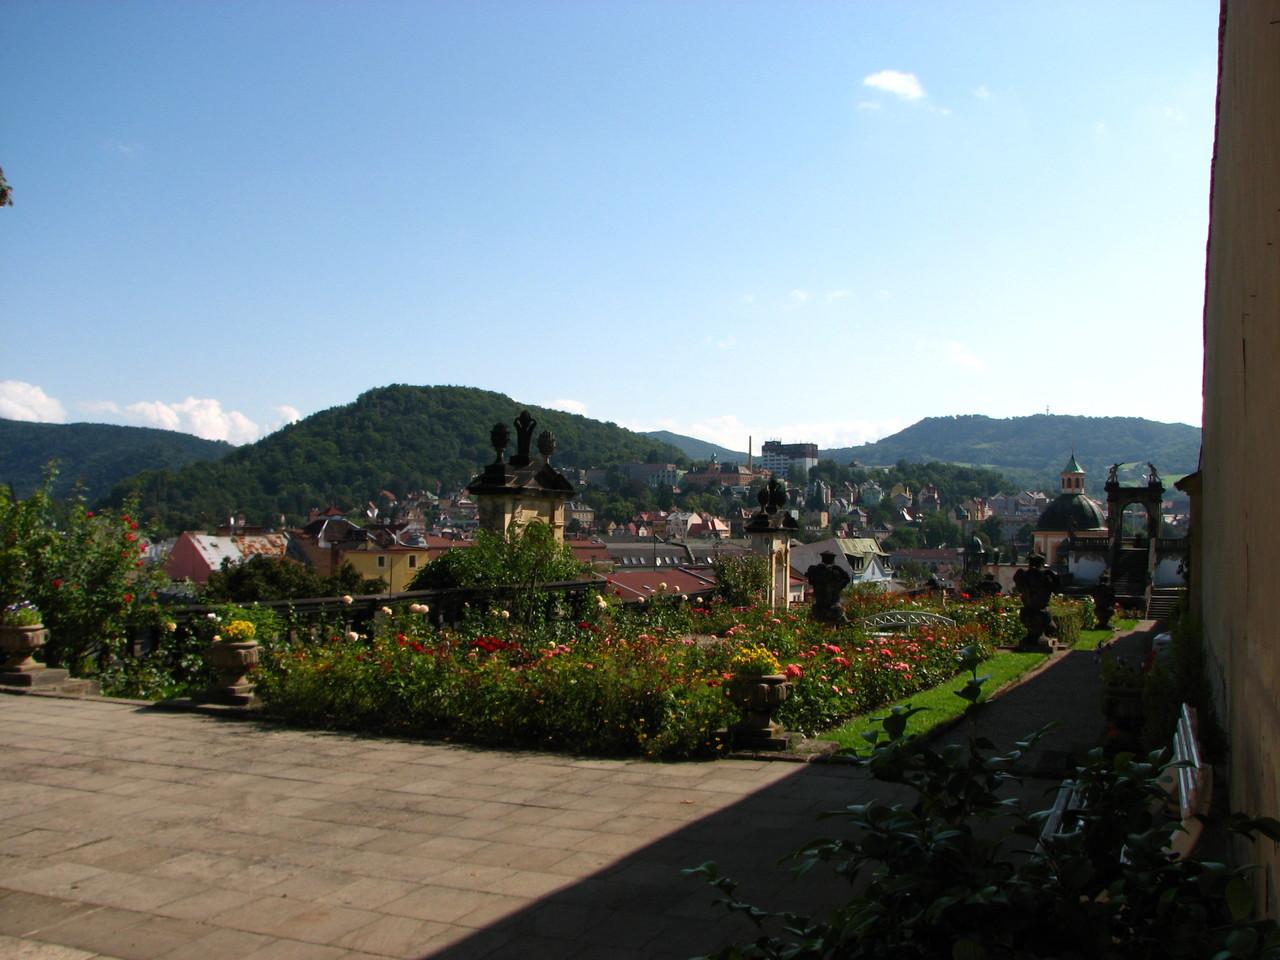 Kurzer Einblick in den Rosengarten